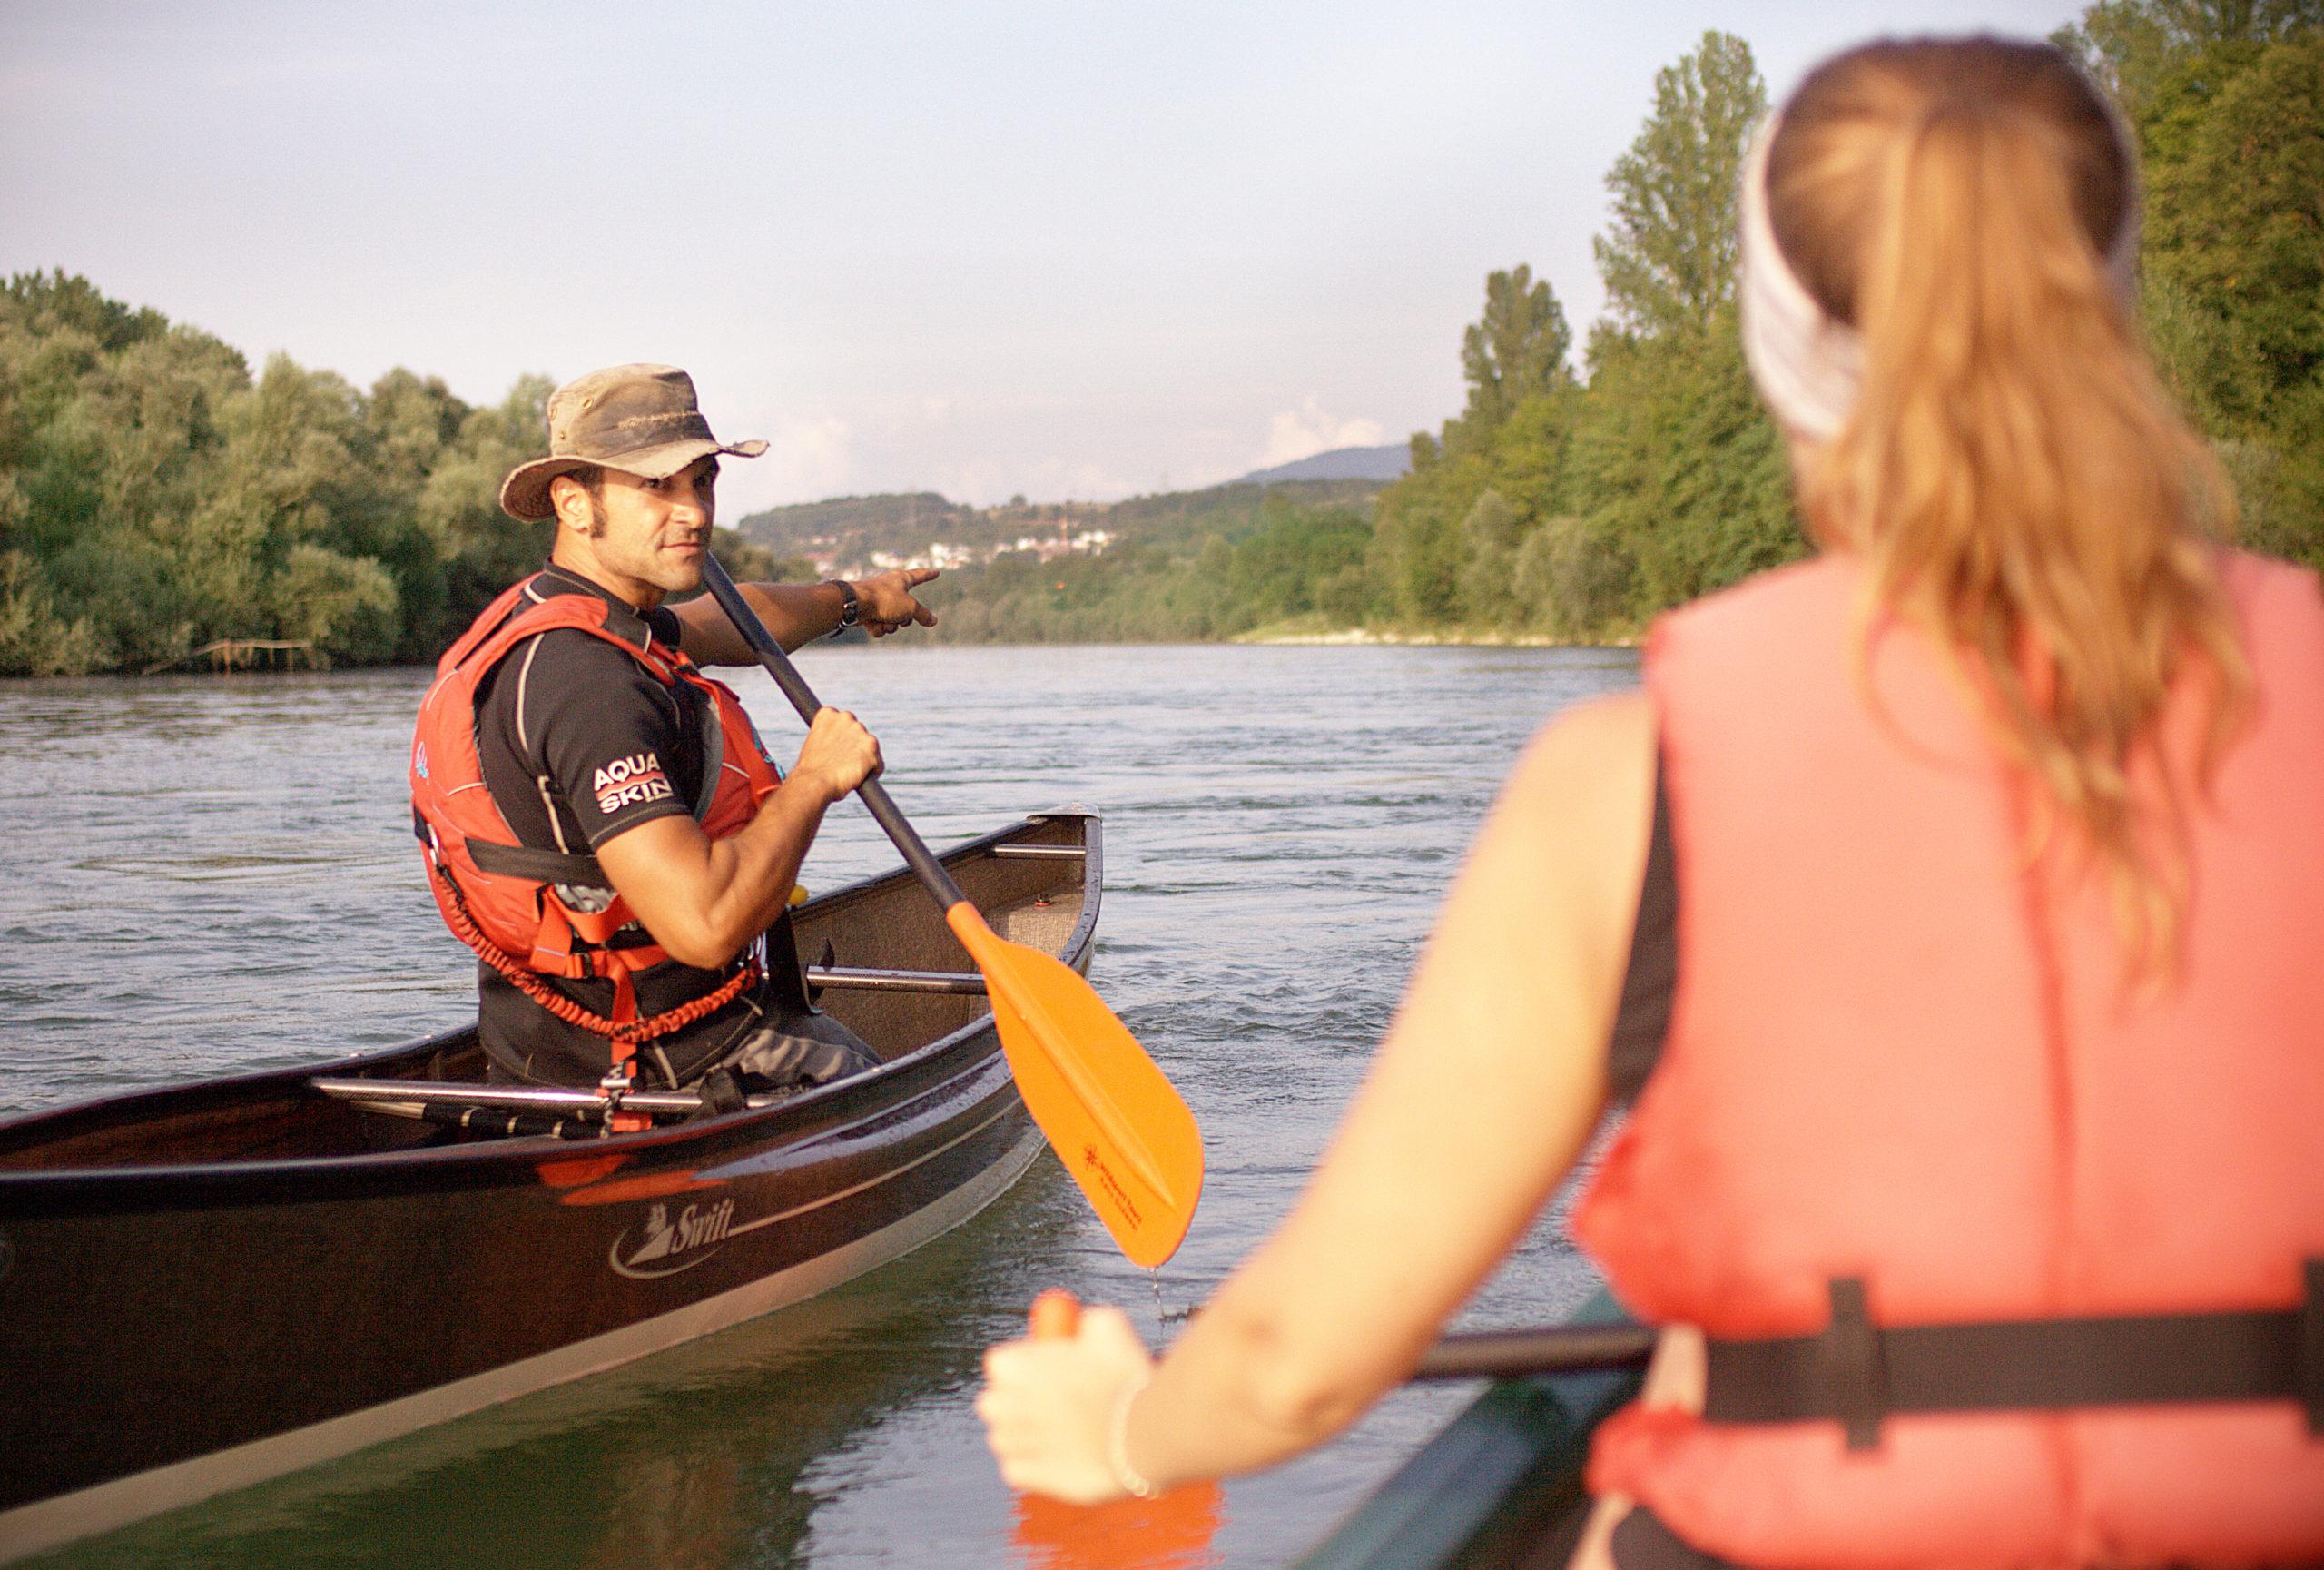 Naturschätze vom Kanu aus entdecken